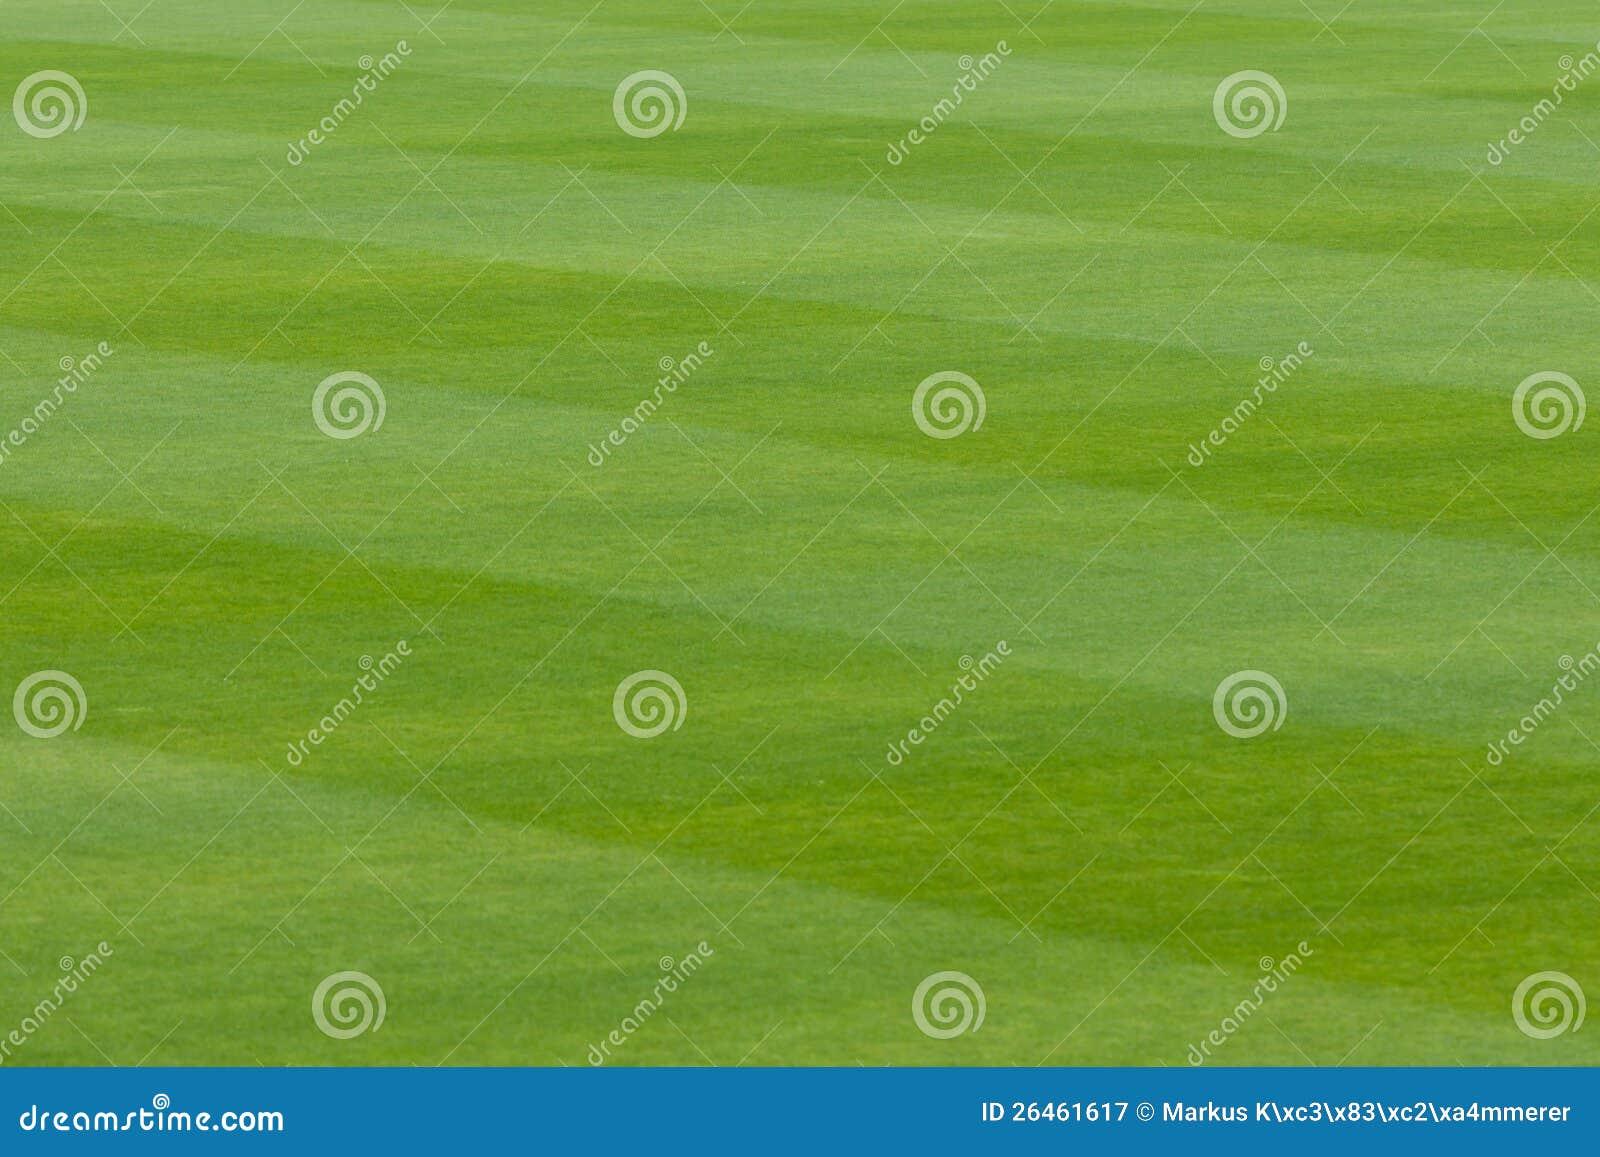 绿草在体育场或运动场内